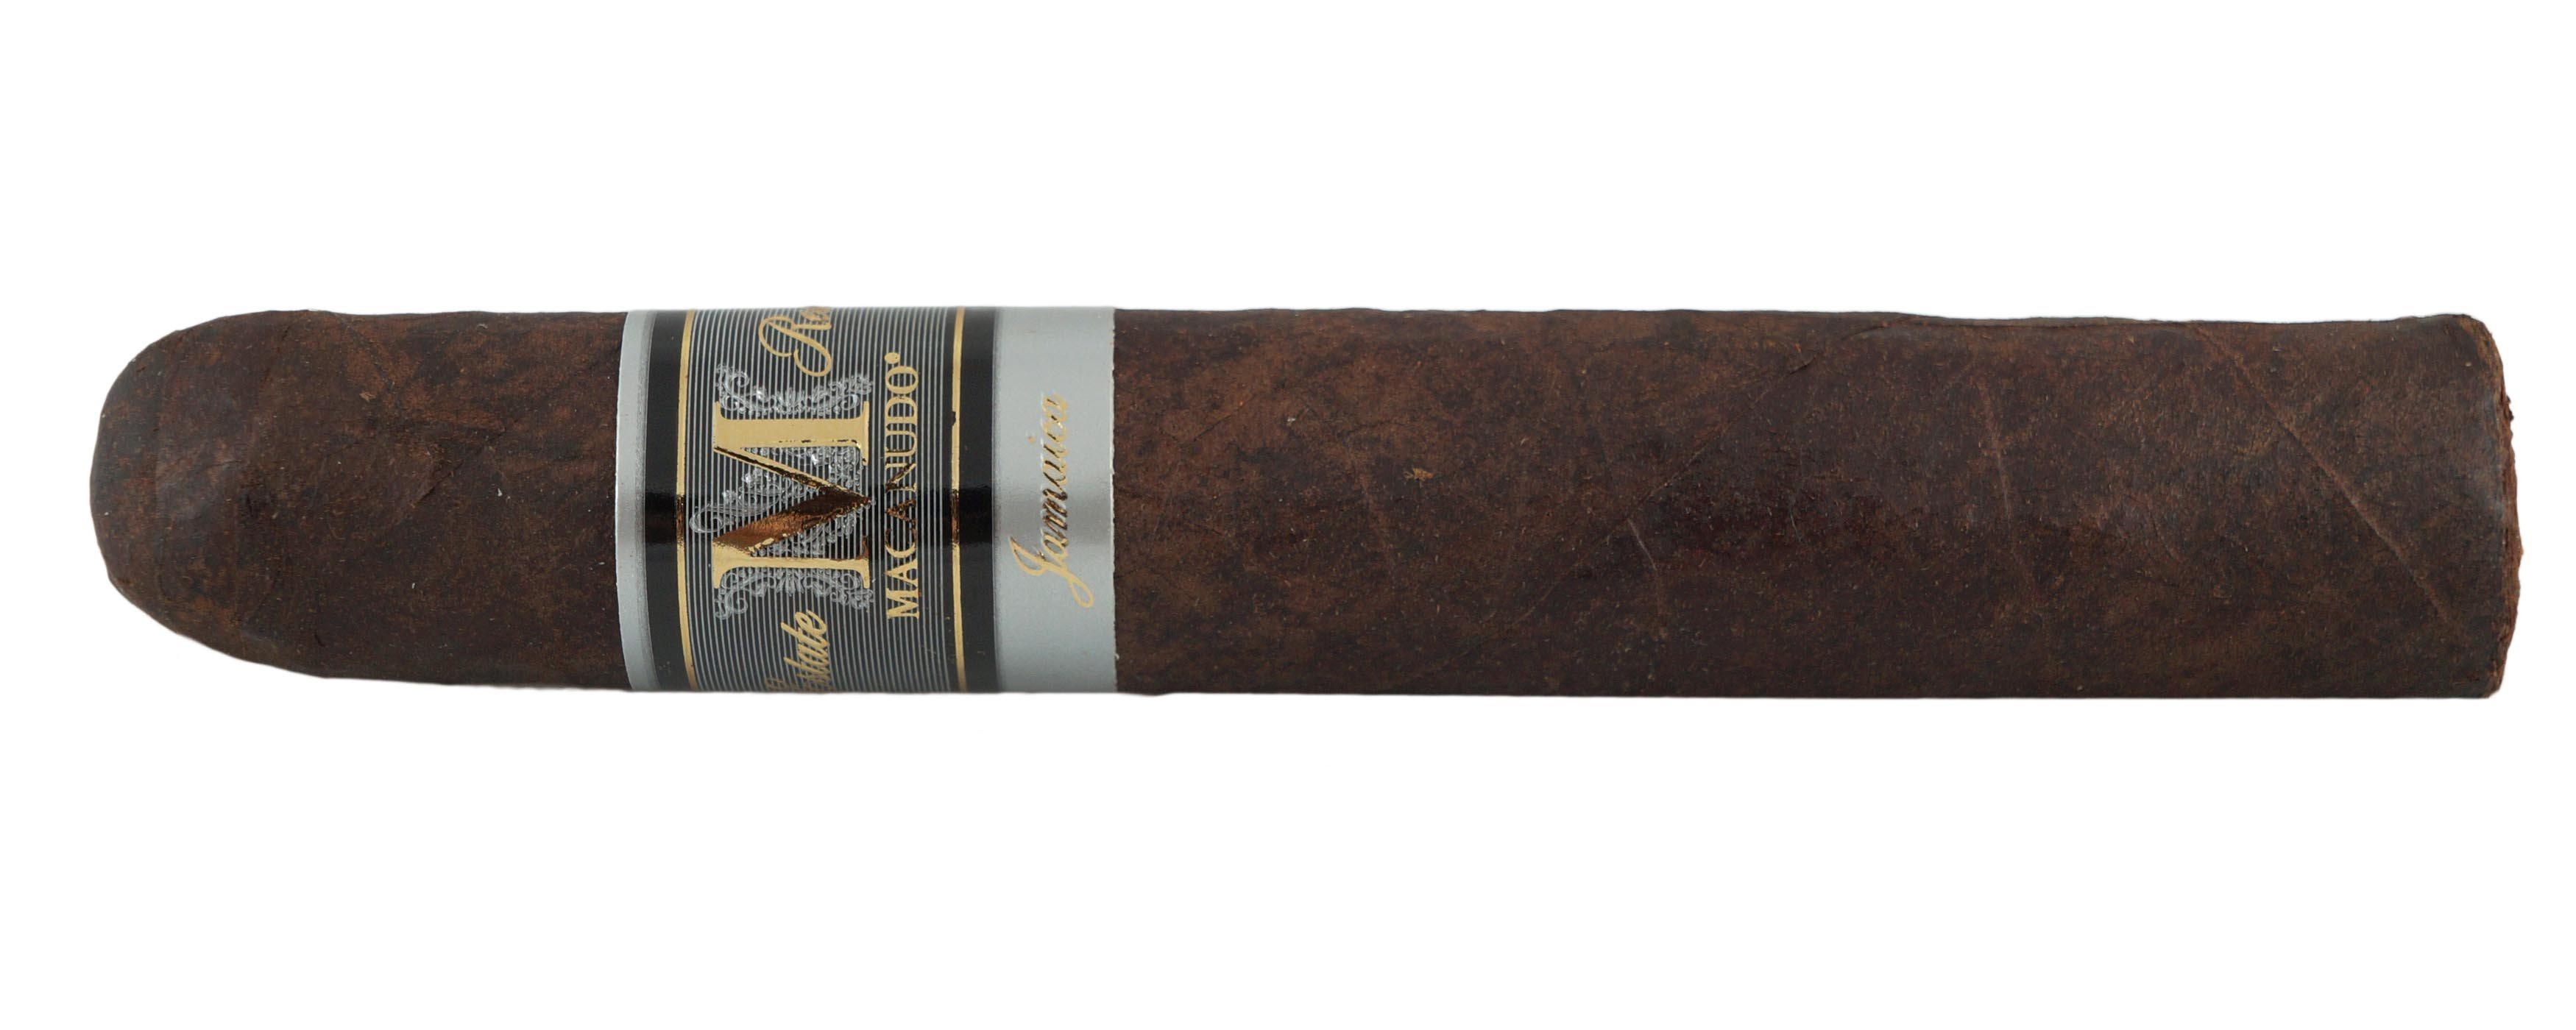 Blind Cigar Review: Macanudo | Estate Reserve 2015 No. 9 (Pre-release)